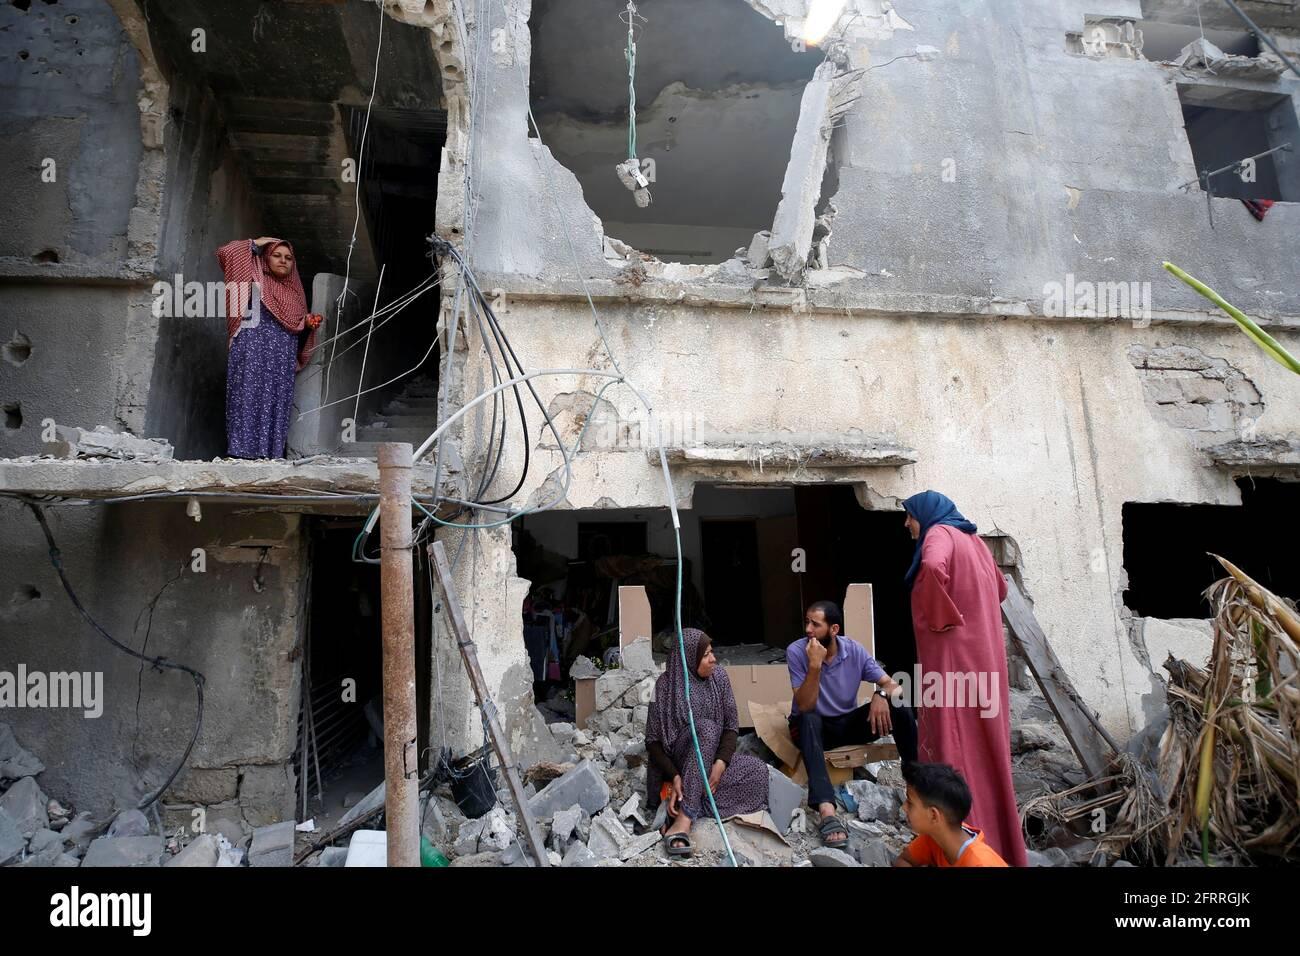 Palästinenser sitzen auf Trümmern, nachdem sie nach dem Waffenstillstand der Hamas in Beit Hanoun im nördlichen Gazastreifen in ihr zerstörtes Haus zurückgekehrt sind, 21. Mai 2021. REUTERS/Mohammed Salem Stockfoto